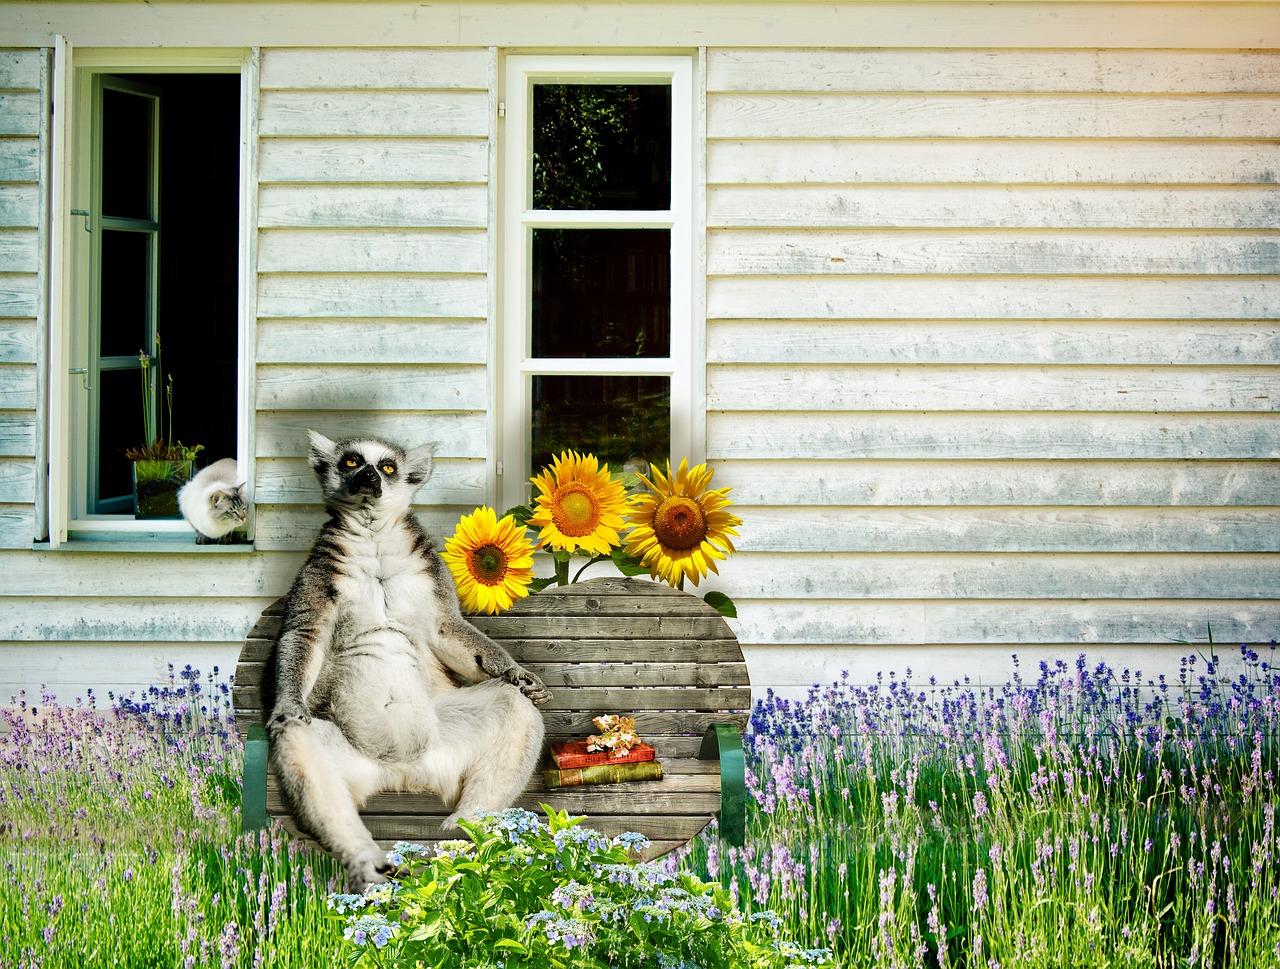 lemur-2861922_1280.jpg